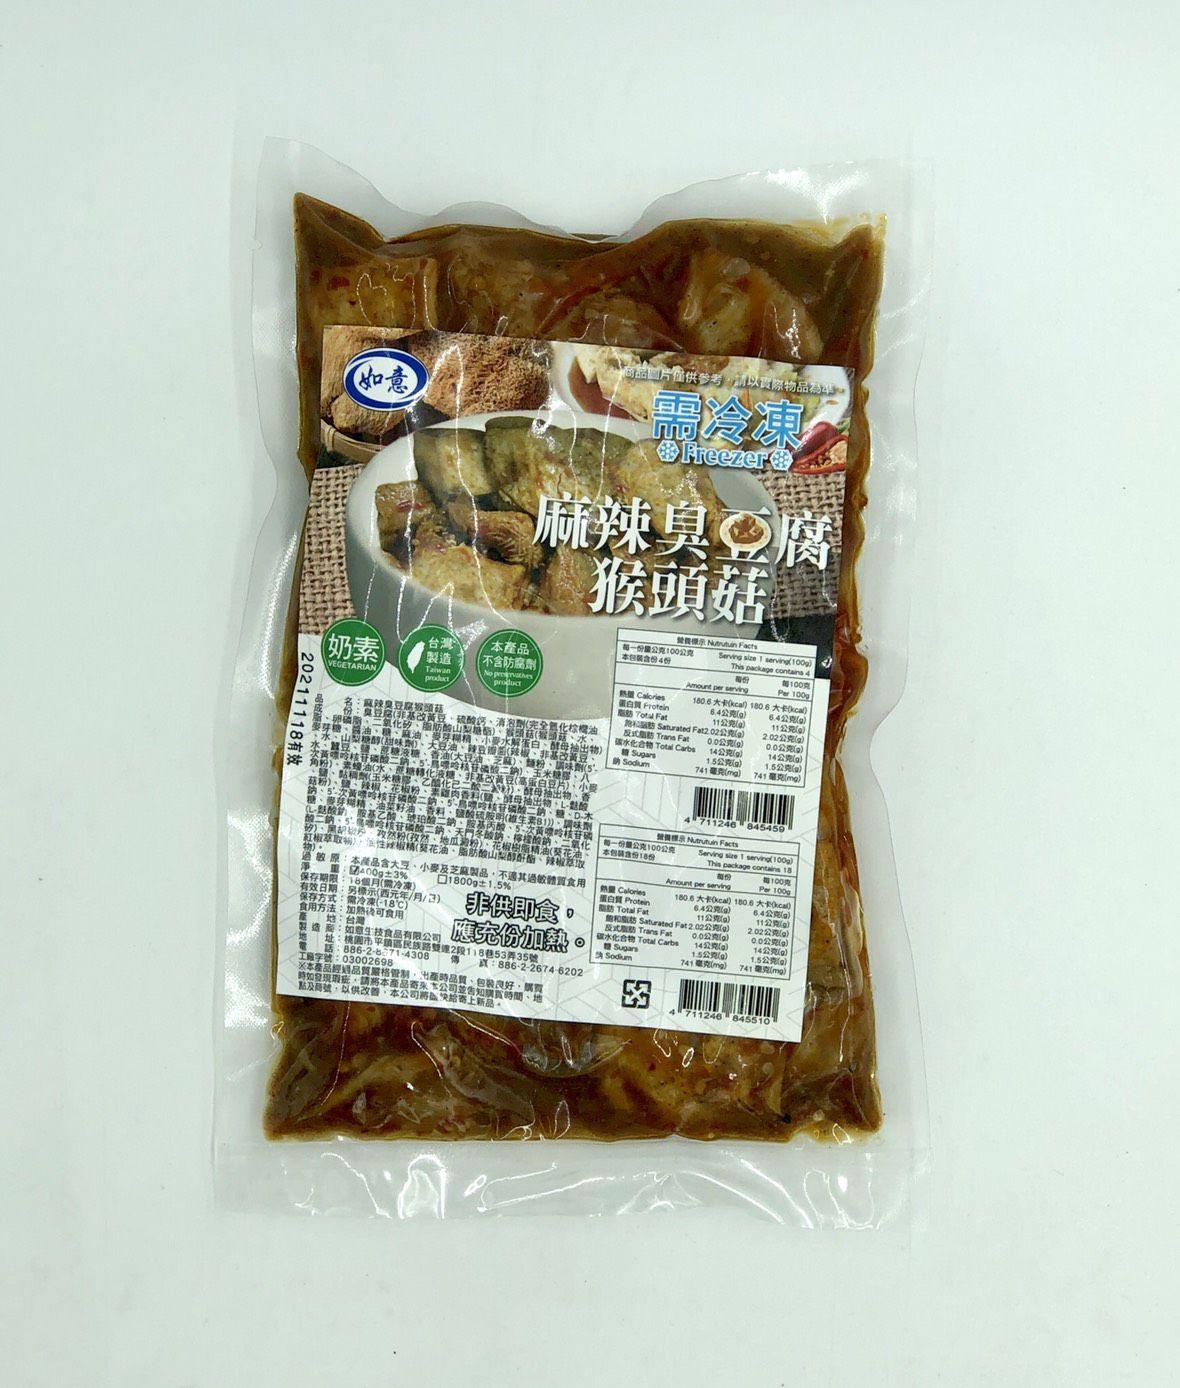 (如意)麻辣臭豆腐猴菇400g(奶素)